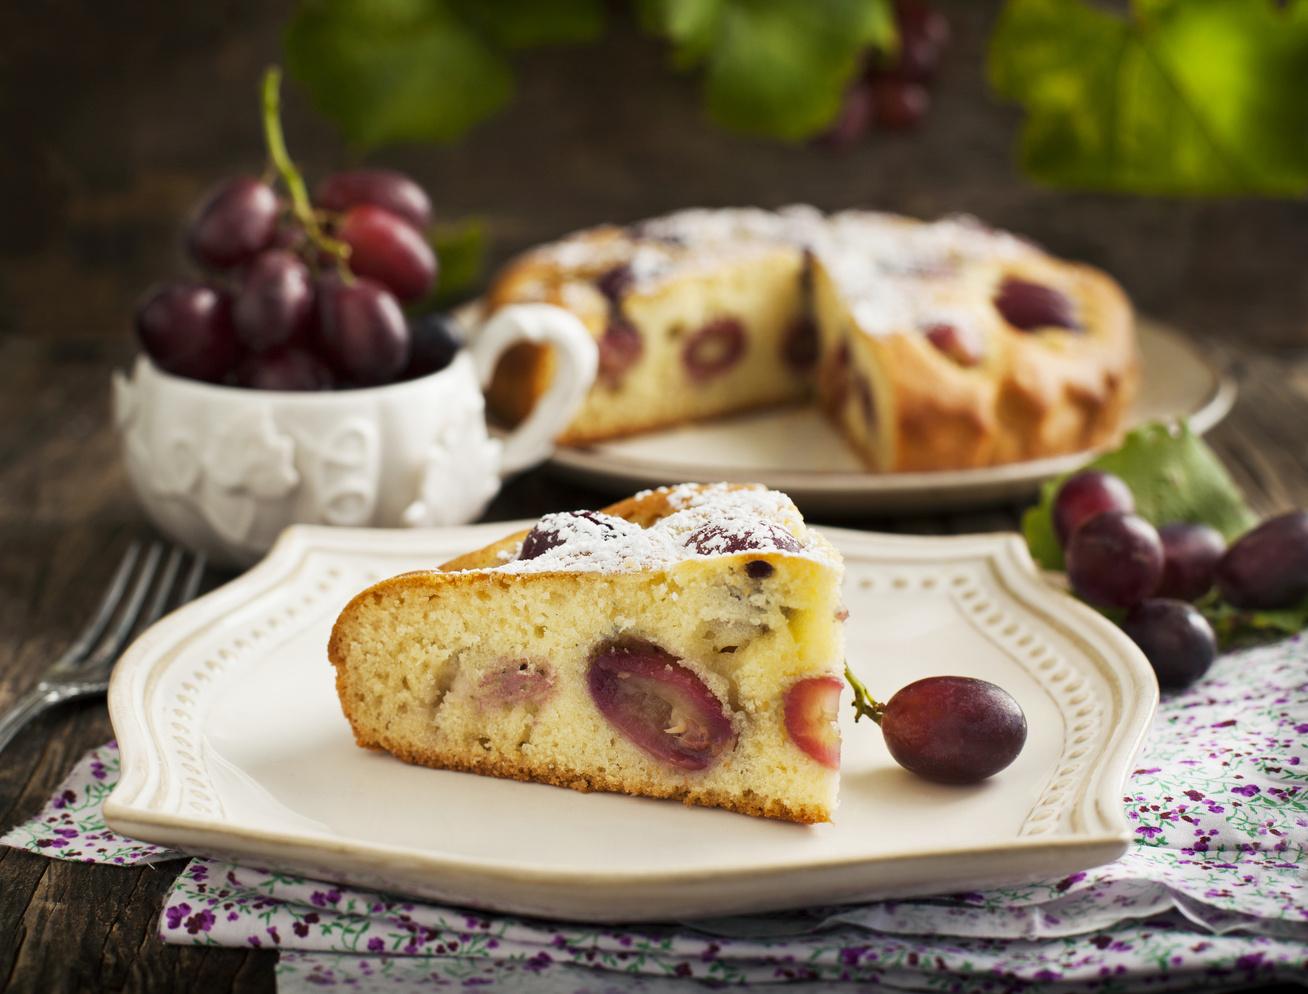 Pihe-puha, szőlős piskóta: bármennyit készítesz belőle, villámgyorsan elfogy